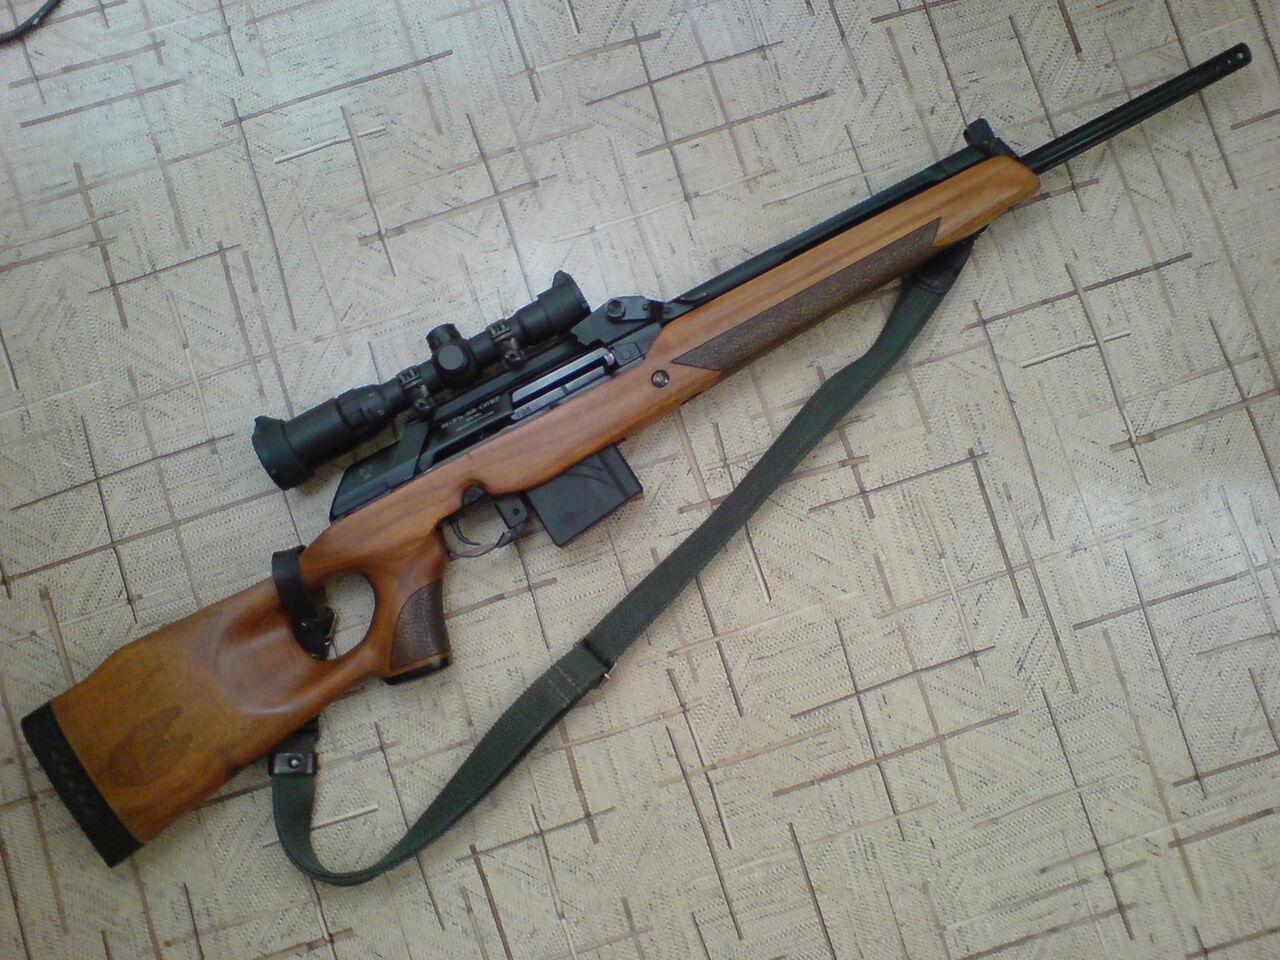 ВХабаровском крае охотник застрелил друга, приняв его закабана